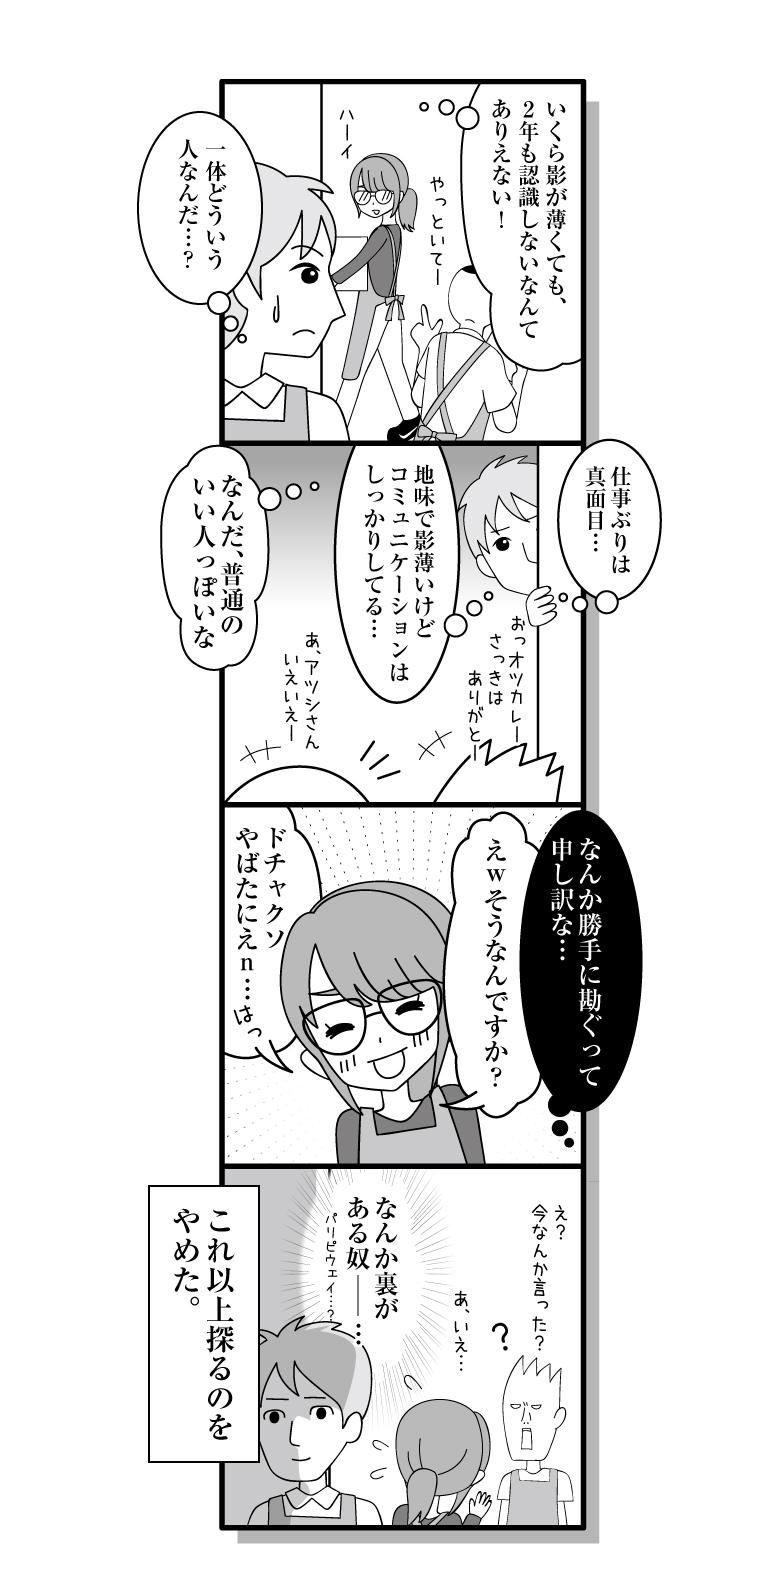 180623_manga